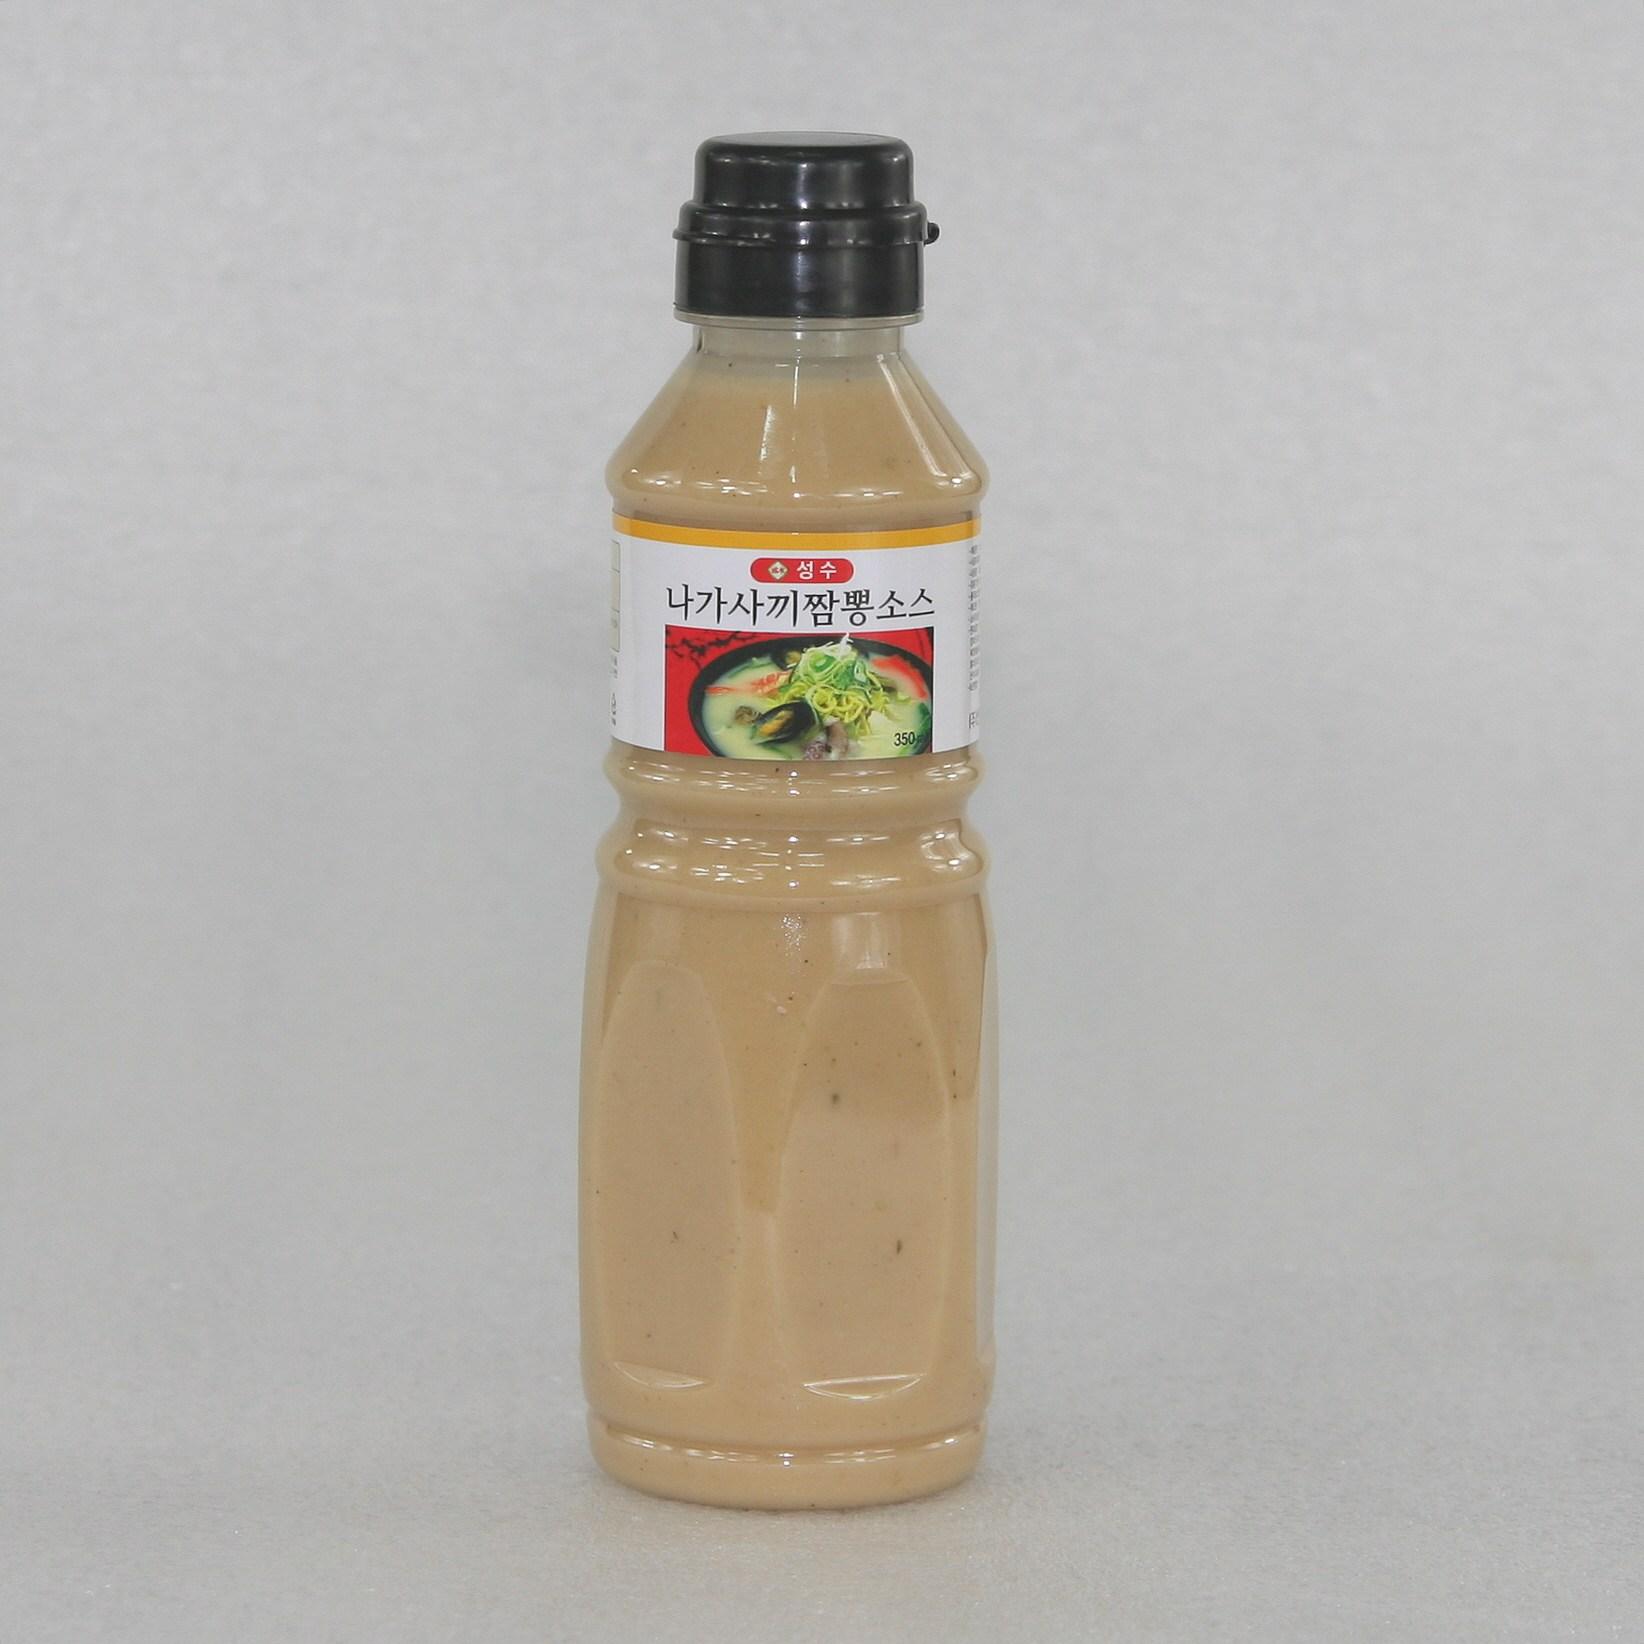 성수 나가사끼짬뽕 소스, 1개, 350ml